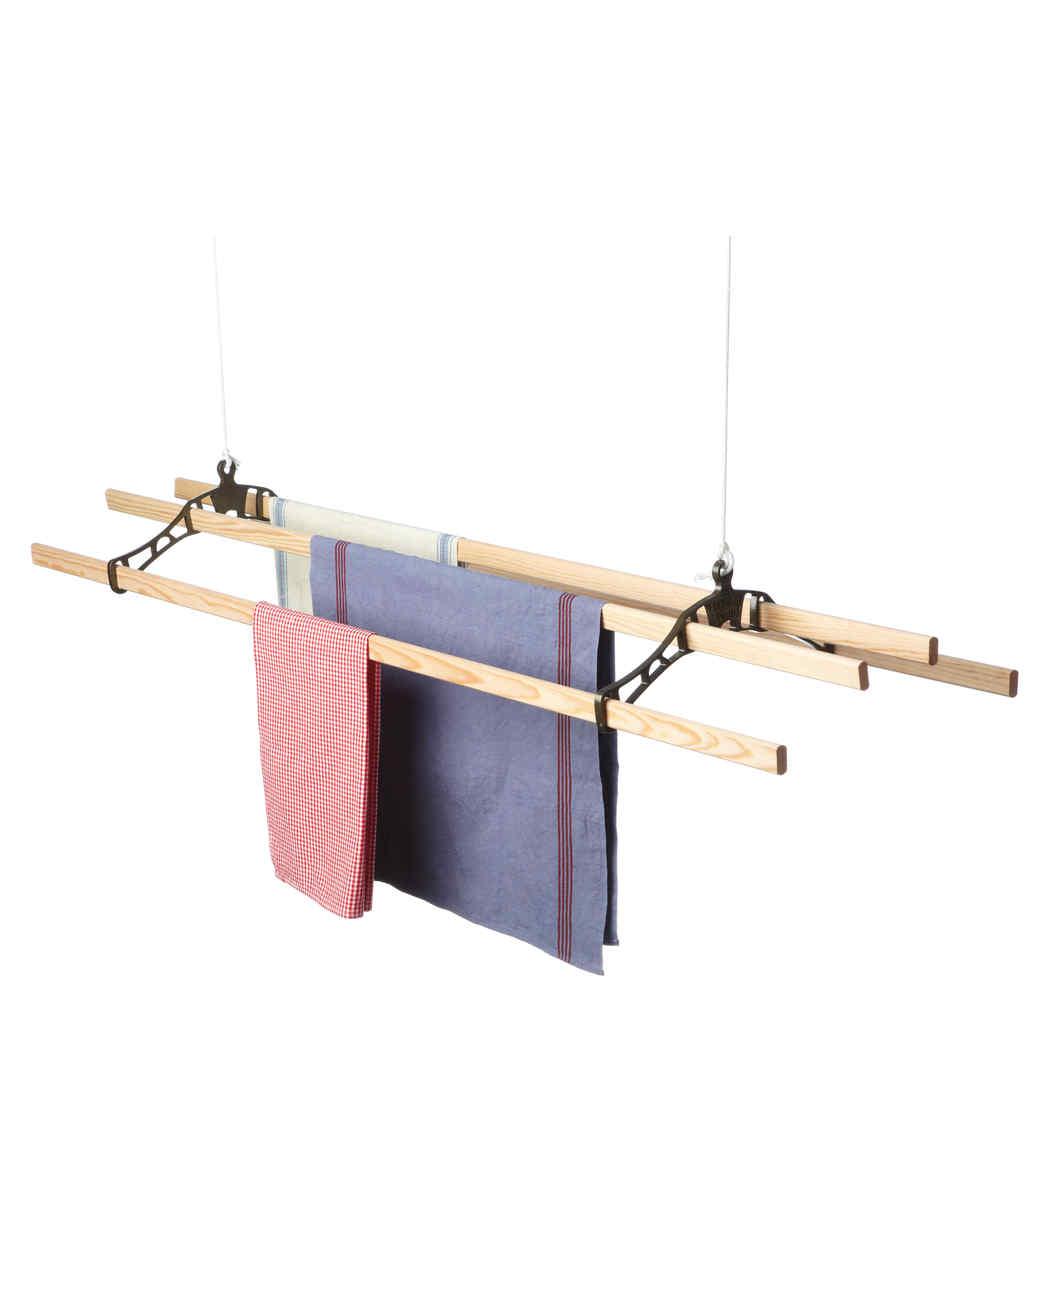 sheila-maid-dryer-rack-06-047-md109483.jpg